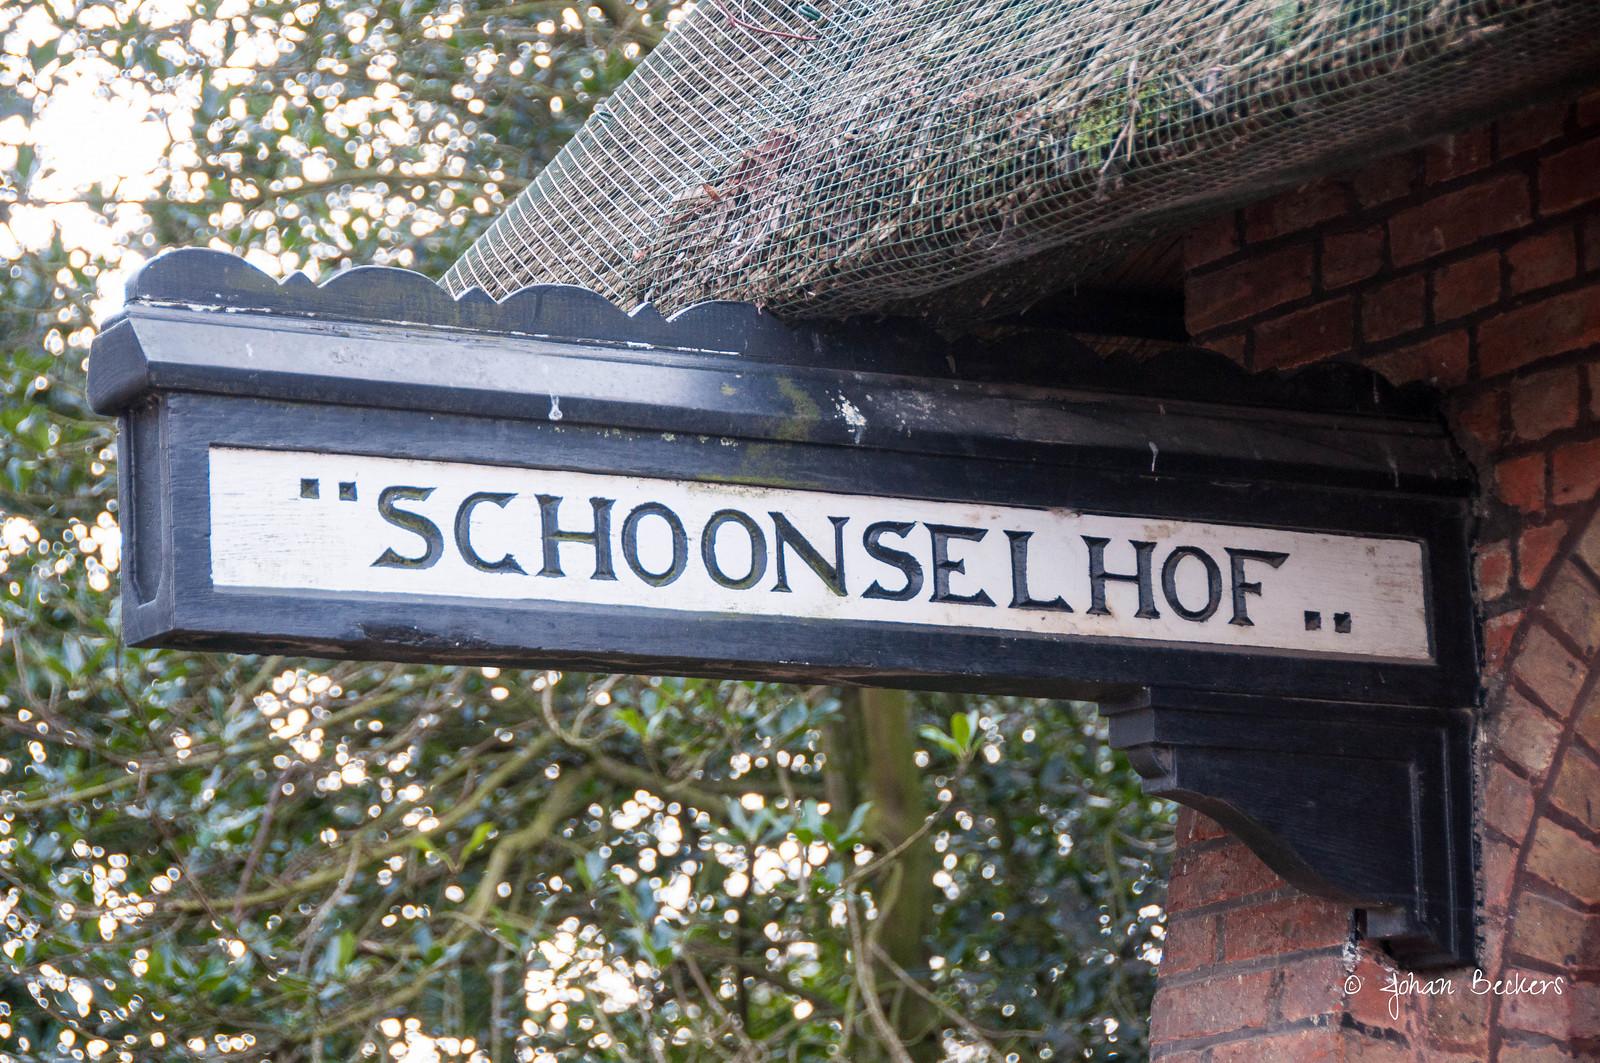 Schoonselhof